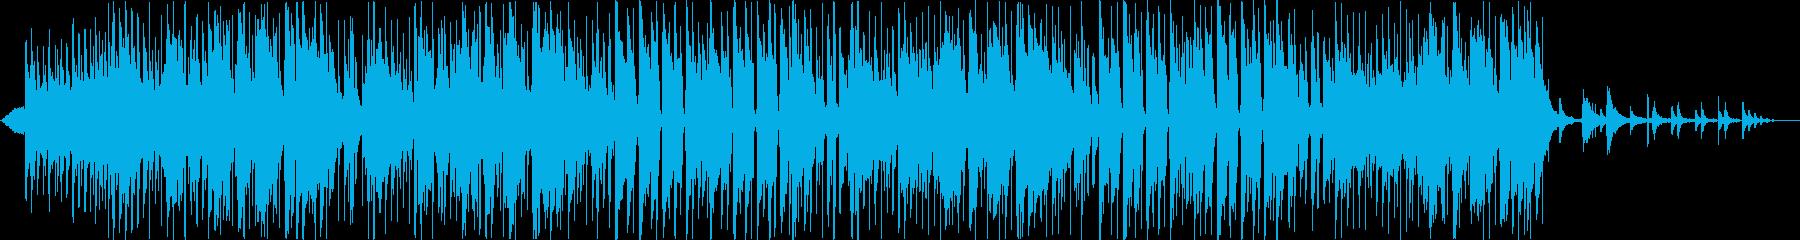 七夕の人の再生済みの波形